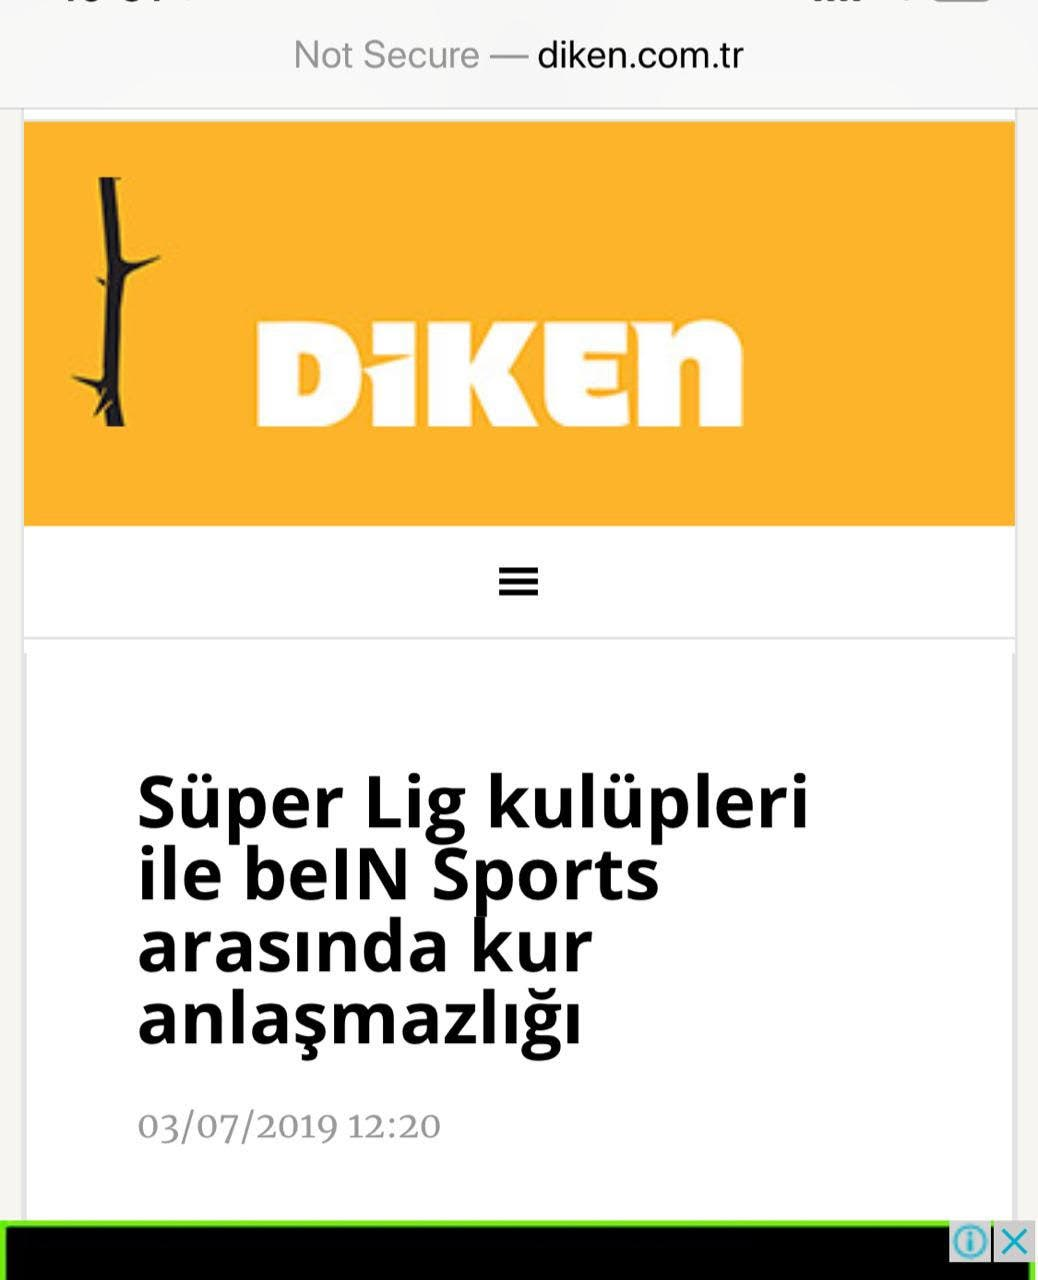 """تقرير صحيفة """"ديكان"""" التركية"""